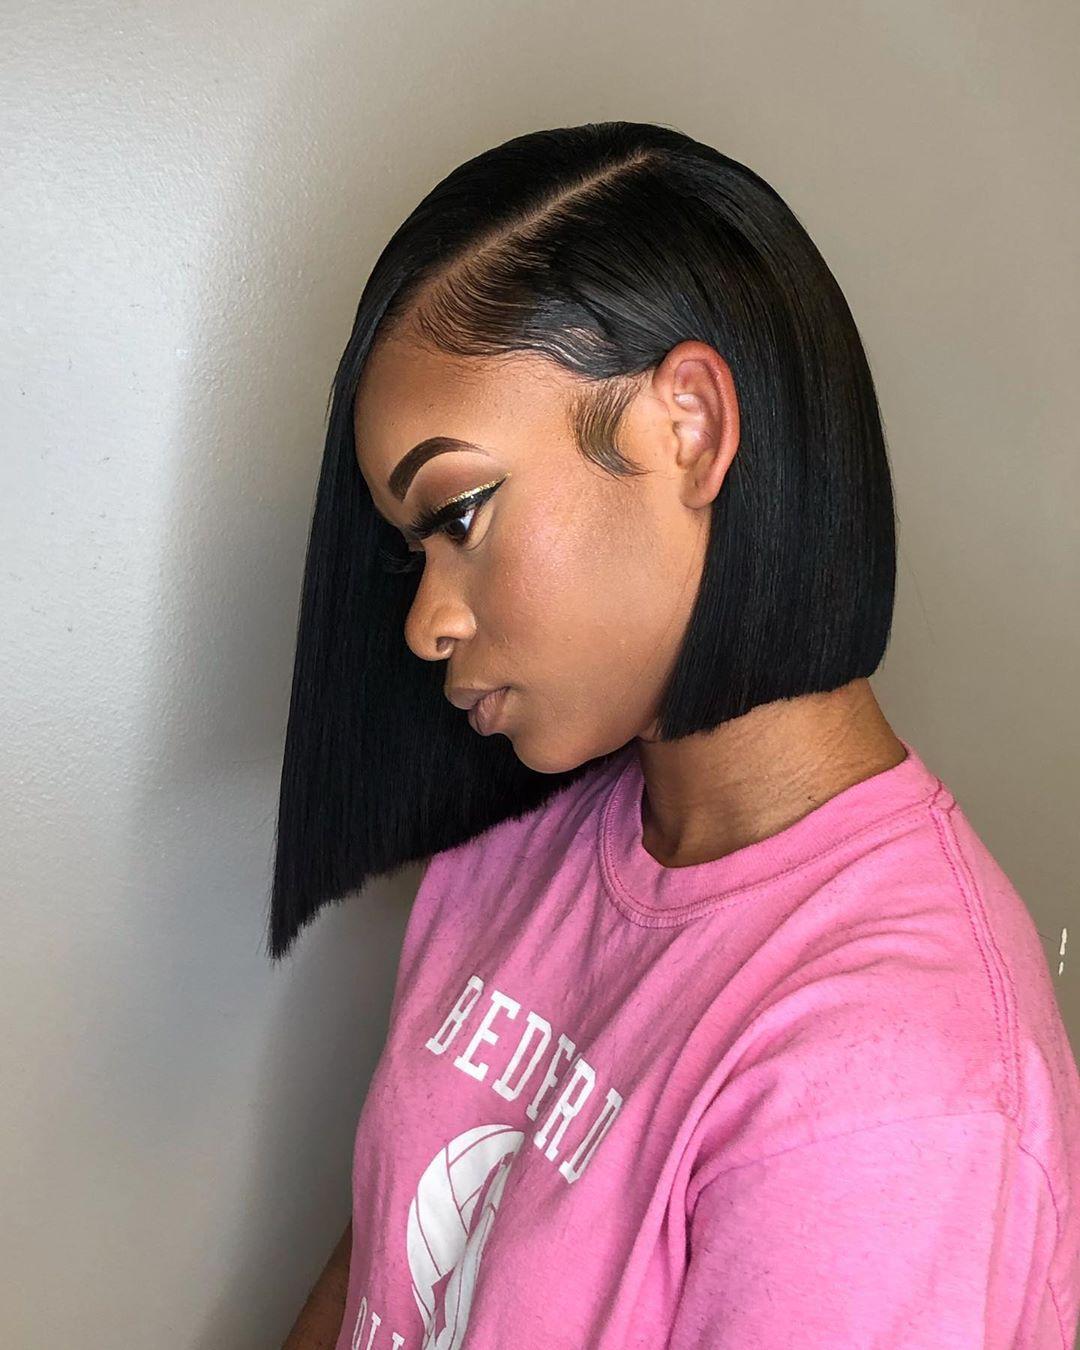 Blunt Asymmetrical Bob For A Prom Girl Hbmj Mjontheslay Bob Bluntcutbob Asymmet Weave Hairstyles Black Women Weave Hairstyles Black Women Hairstyles